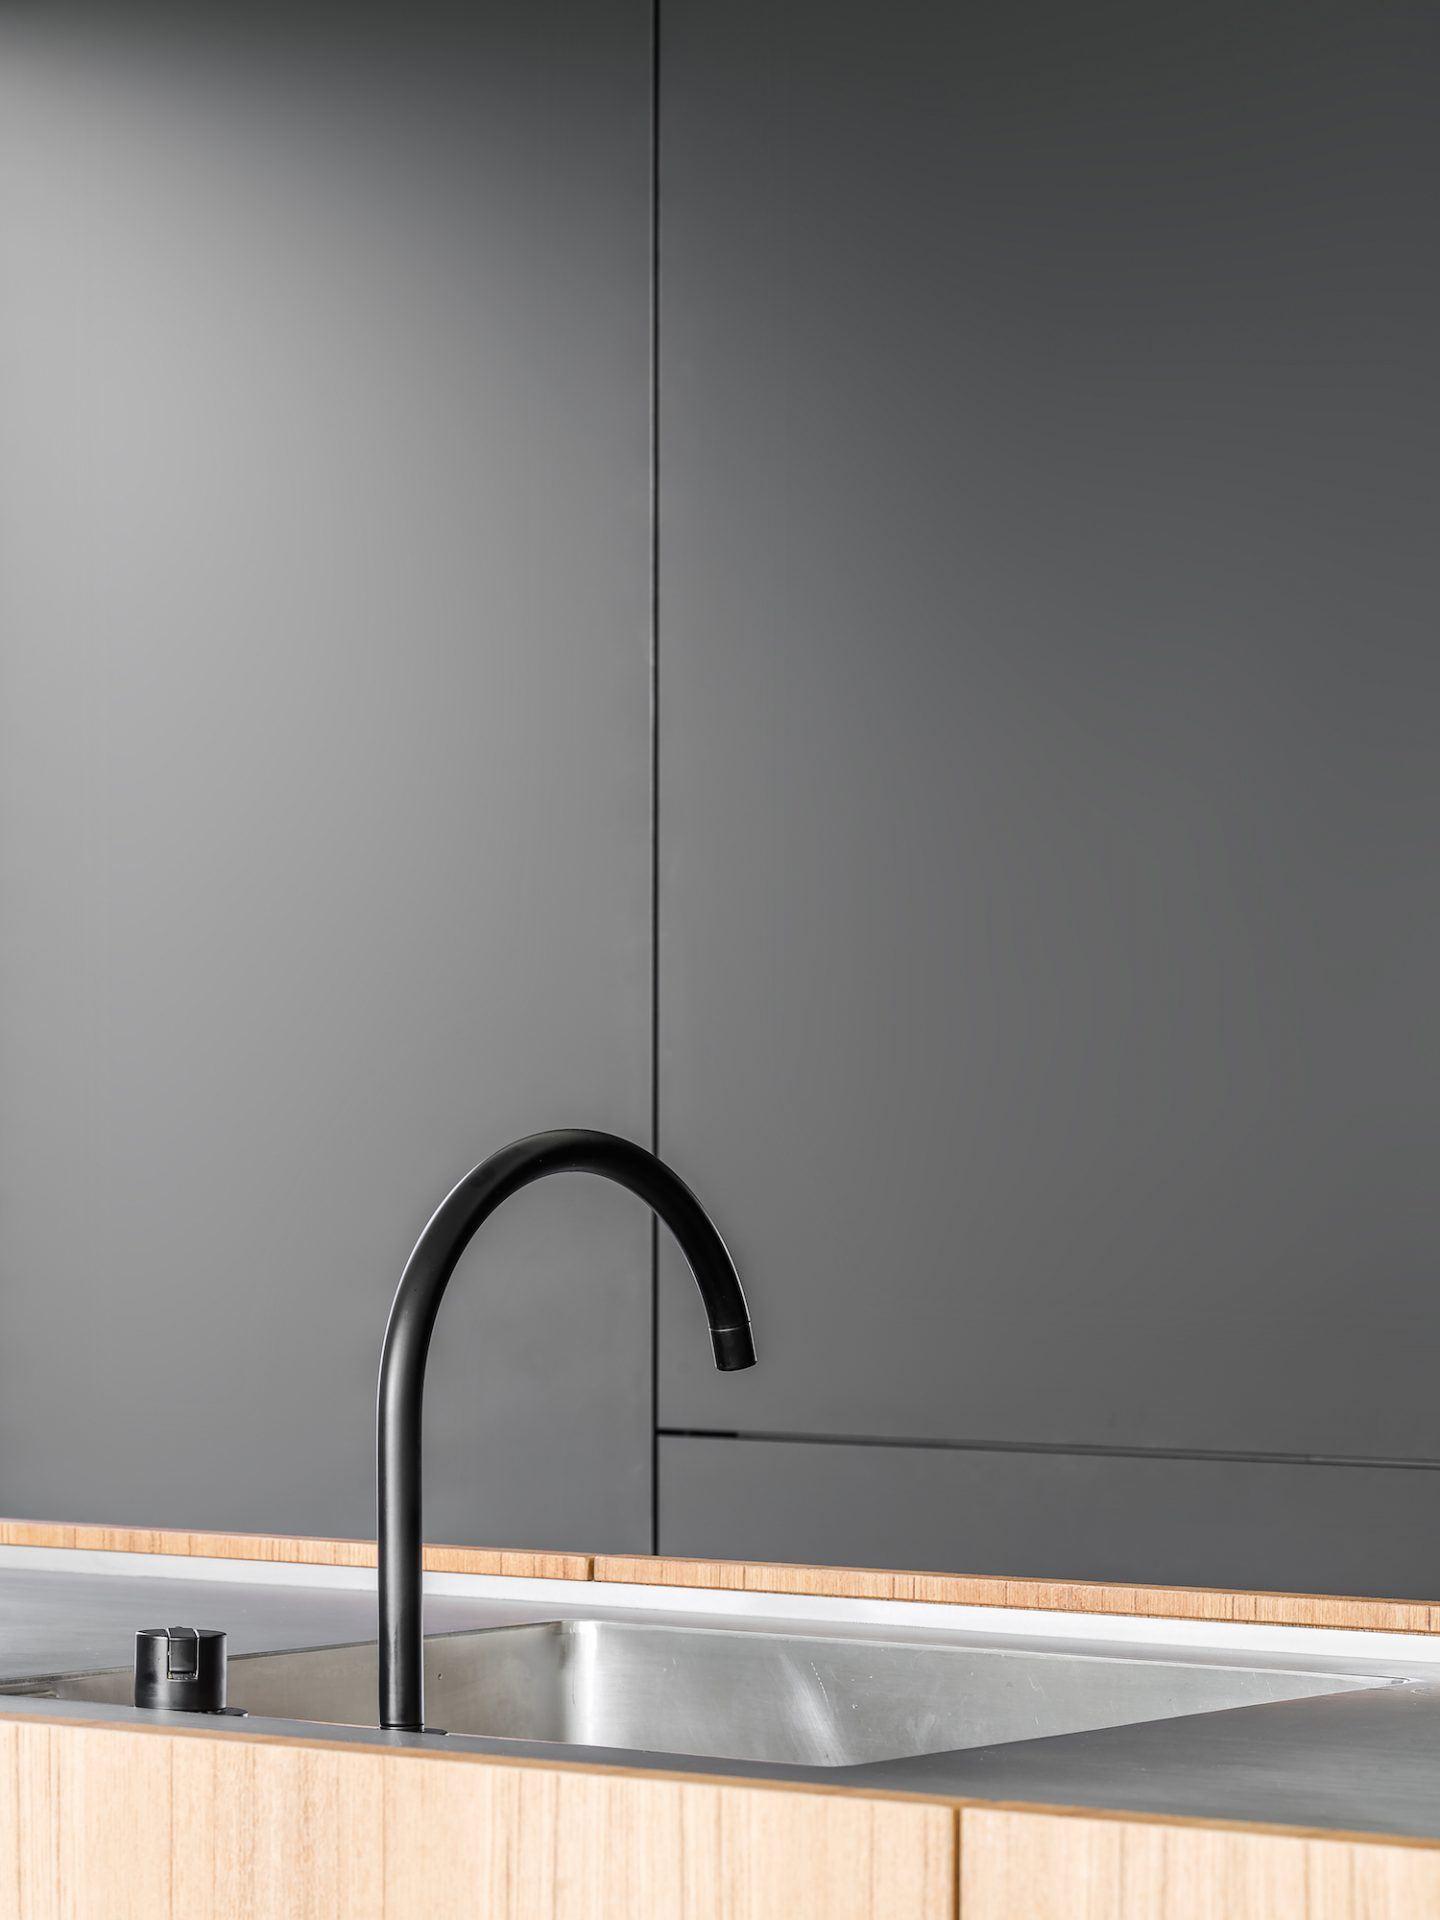 IGNANT-Architecture-Niels-Maier-Oblique-House-04